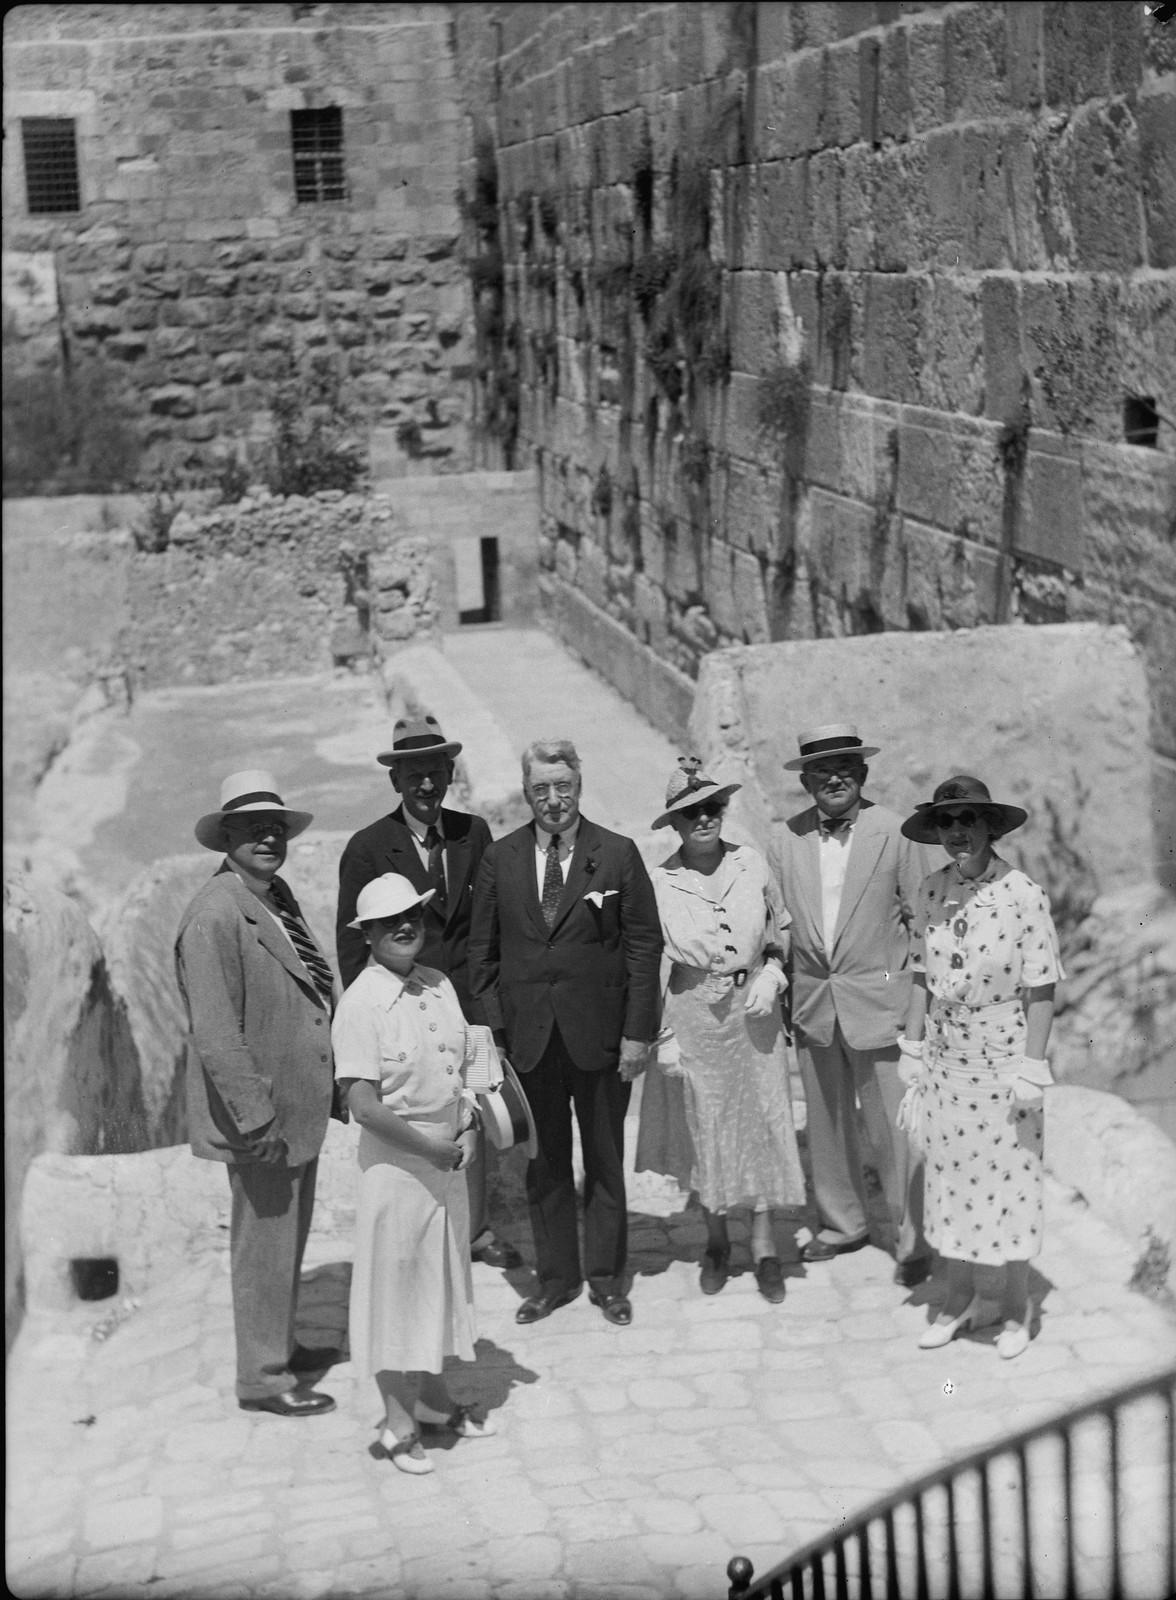 03. Иерусалим. Группа сенаторов у «Западной стены», обычно известной как Стена Плача